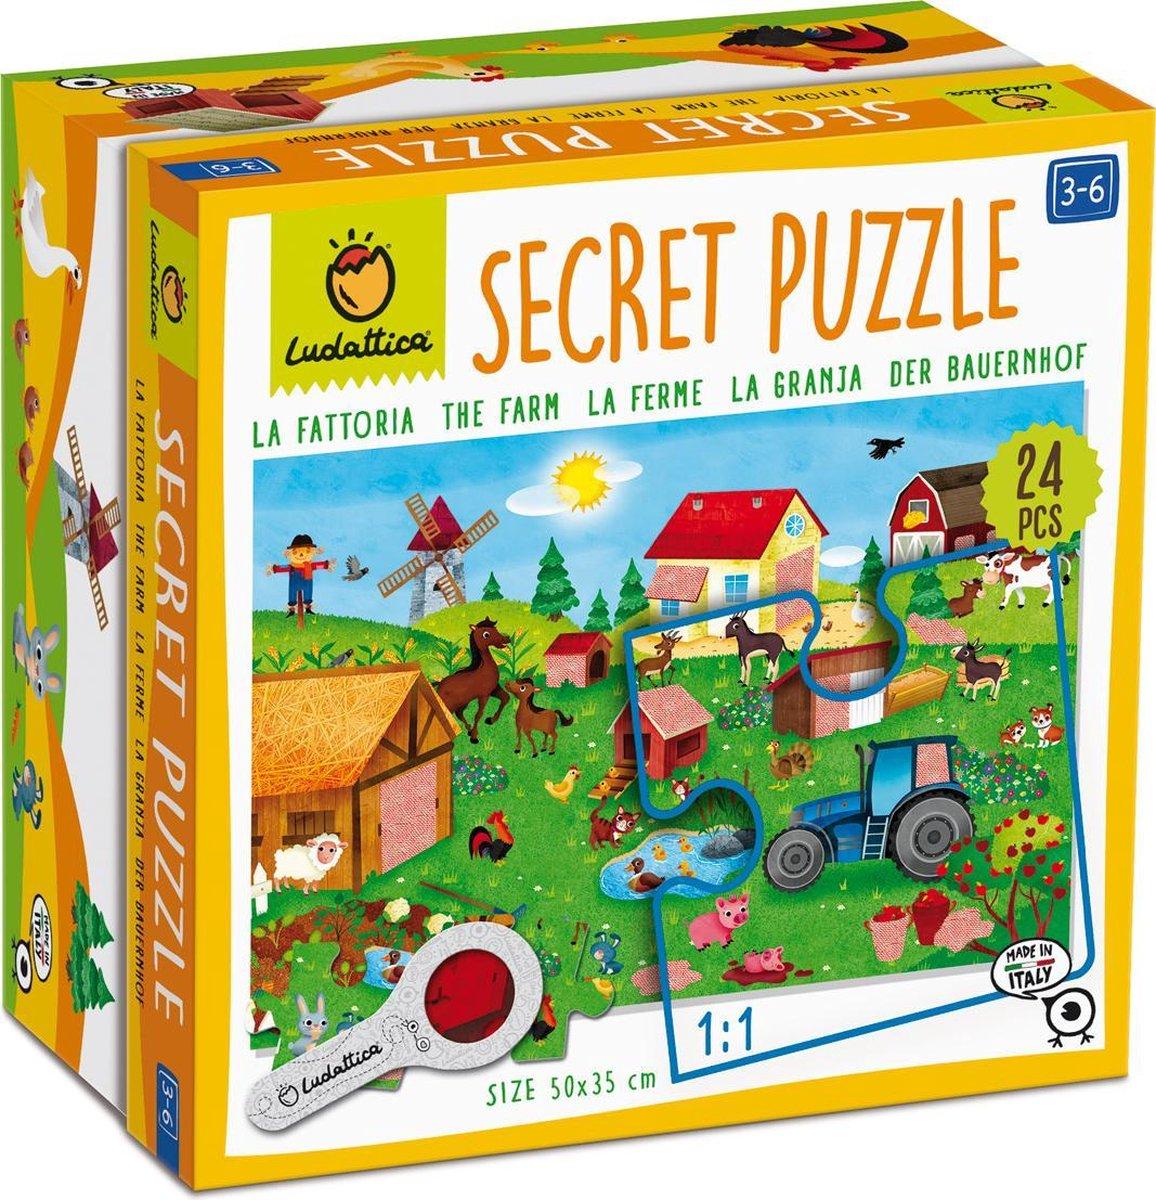 Ludattica Puzzels: BOERDERIJ - Secret puzzel 18x18x10,5cm, 24-delig, 35x50cm, met vergrootglas met rode filter, 3+